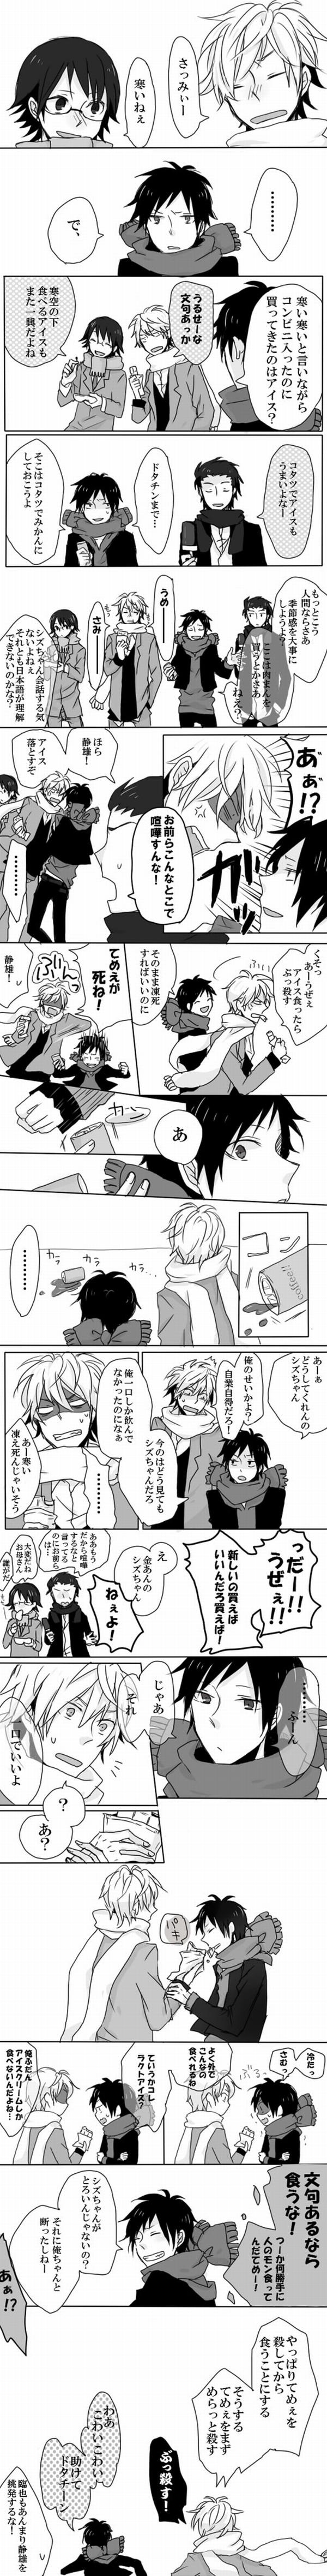 Tags: Anime, DURARARA!!, Heiwajima Shizuo, Kishitani Shinra, Orihara Izaya, Kadota Kyouhei, Running Away, Translation Request, Comic